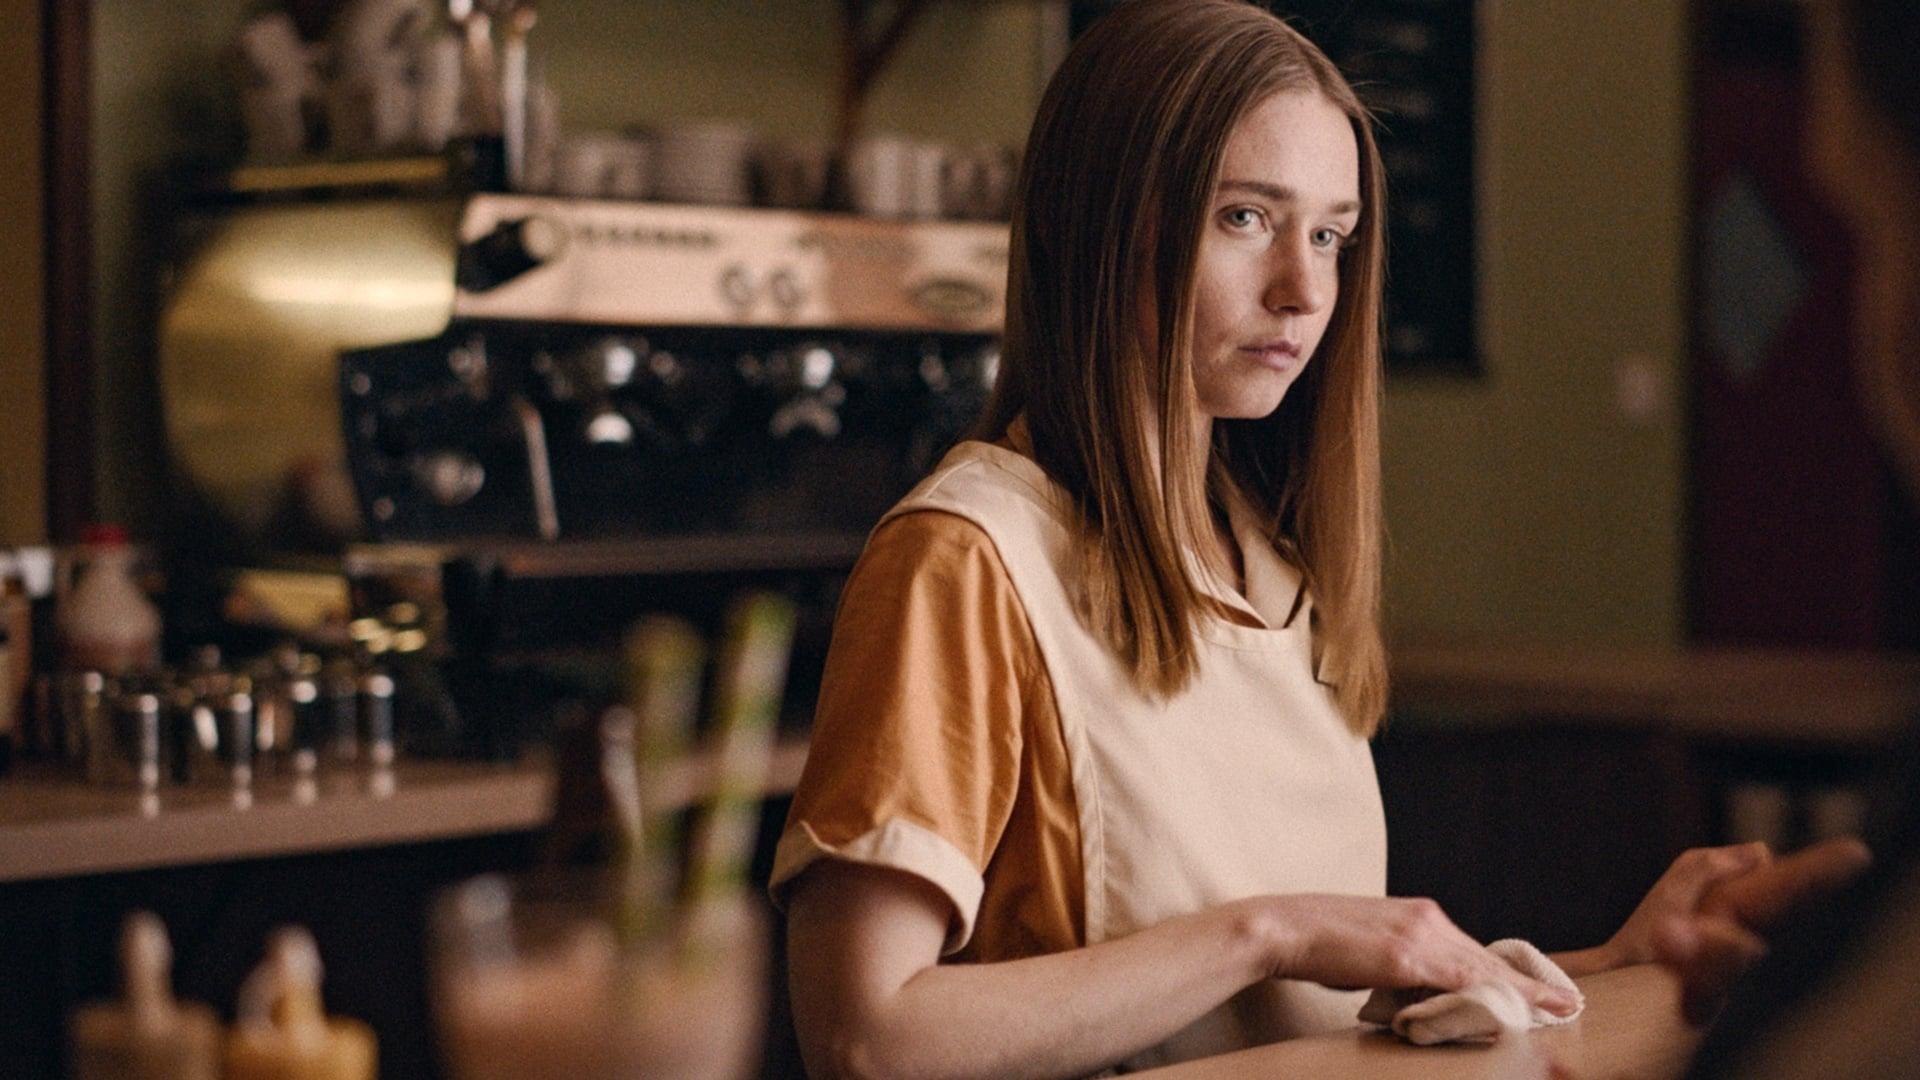 zasady randkowe z mojego przyszłego siebie 2.sezon 1.bölüm izle